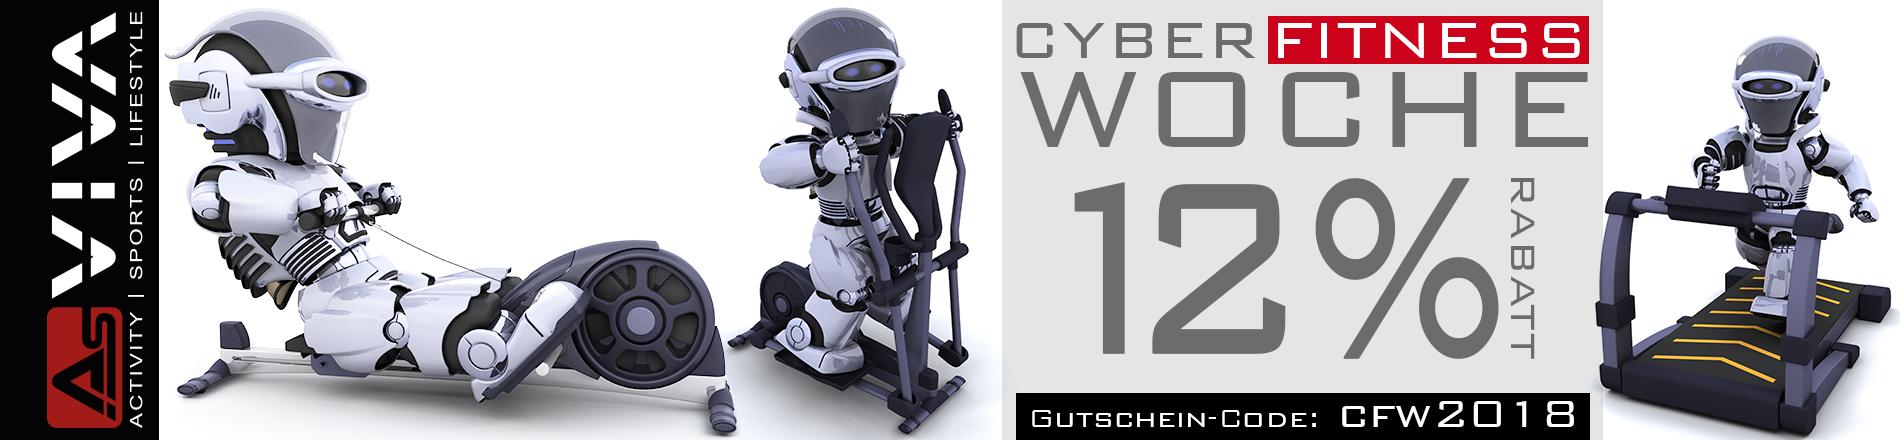 CYBER FITNESS WOCHE Aktion 12% Rabatt-Gutschein für Fitnessgeräte, E-Bikes, Keramikgrills und Gartenmöbel im AsVIVA Online Shop